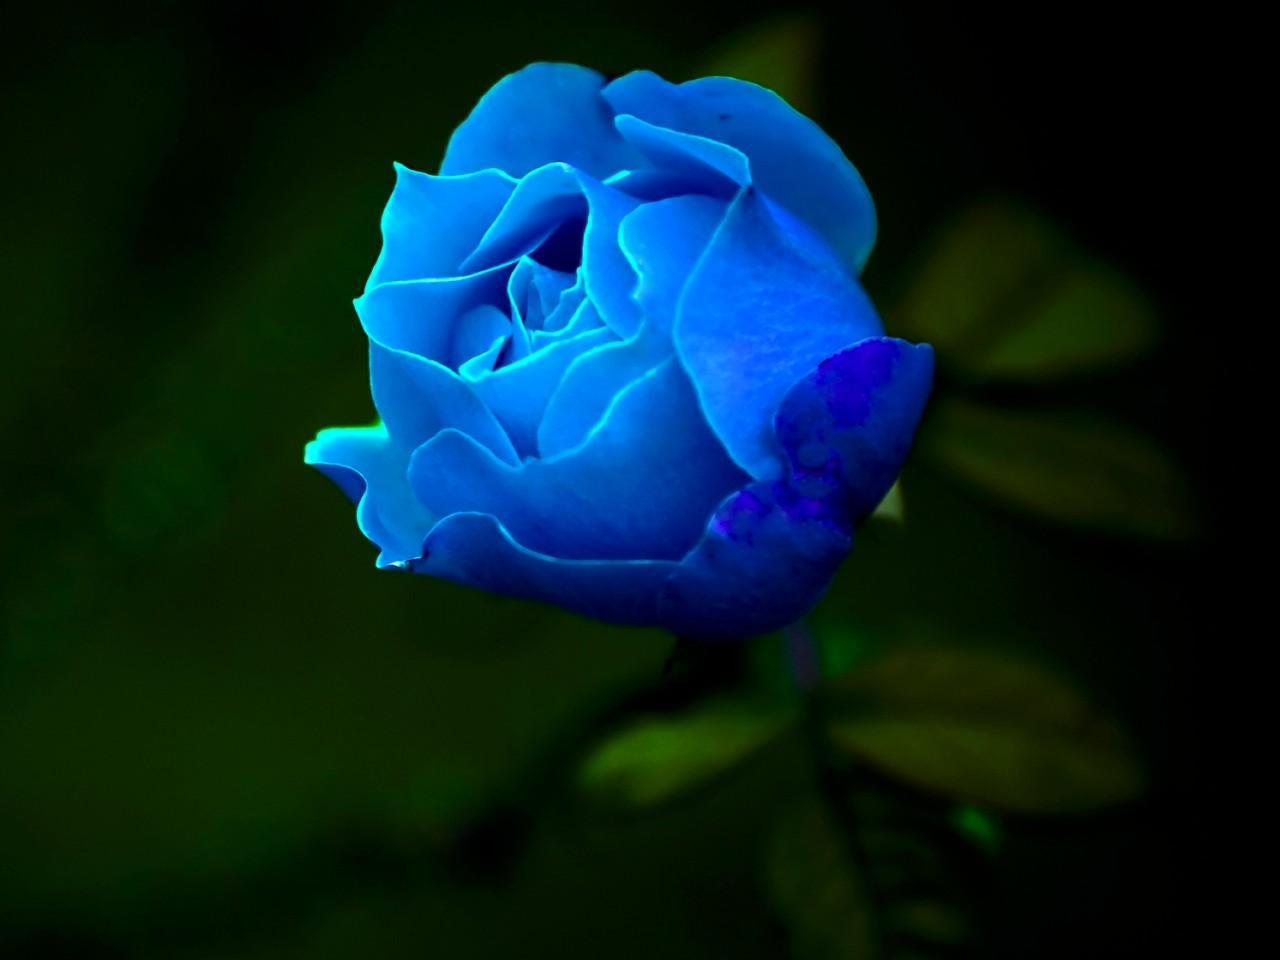 蓝漠的花夏沫篇的图片